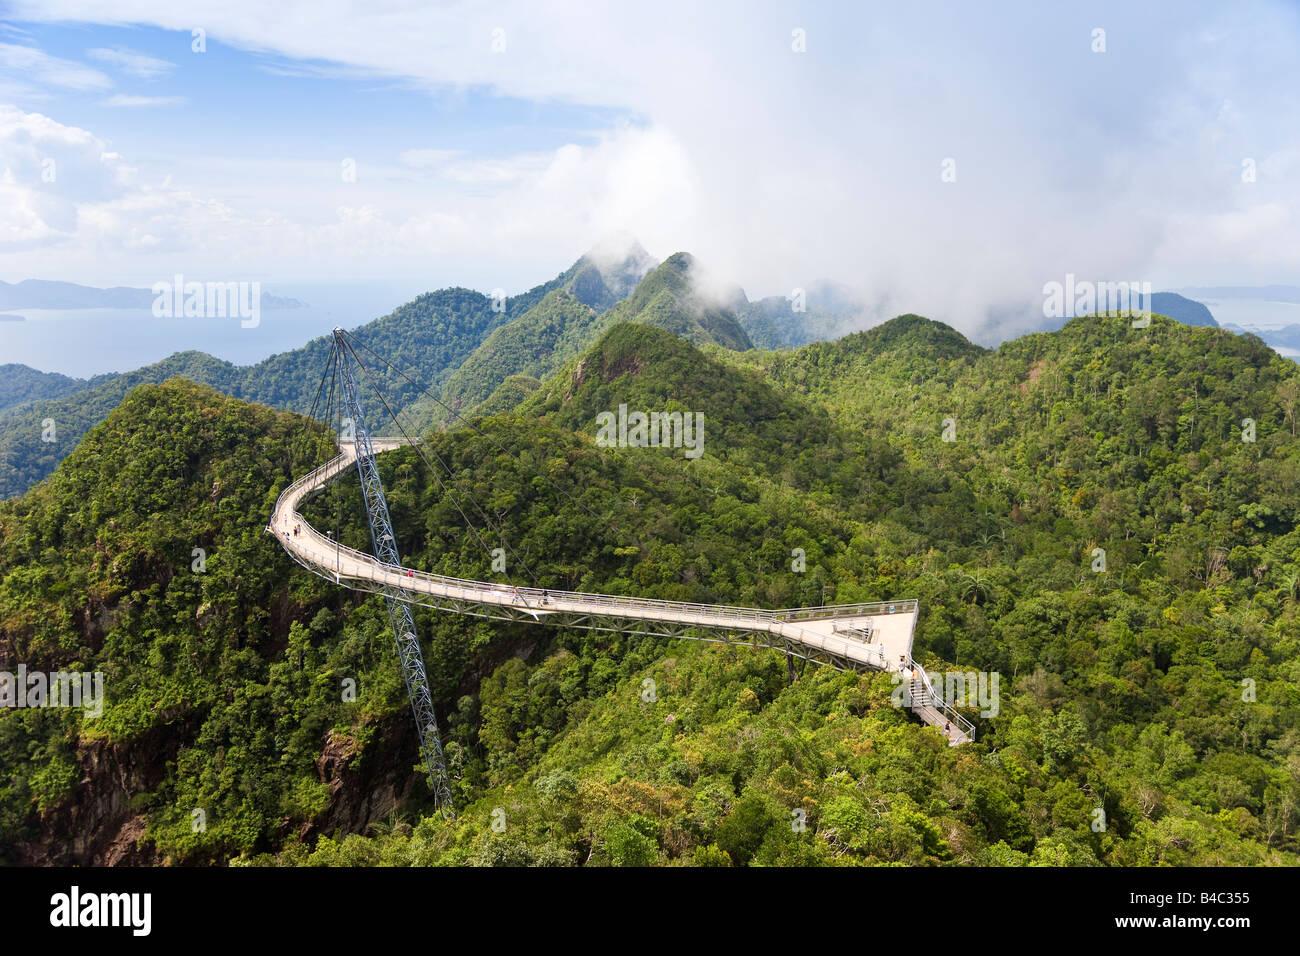 Asien, Malaysia, der Insel Langkawi, Pulau Langkawi, Hanging Suspension Gehweg über den Baumkronen des Regenwaldes Stockbild